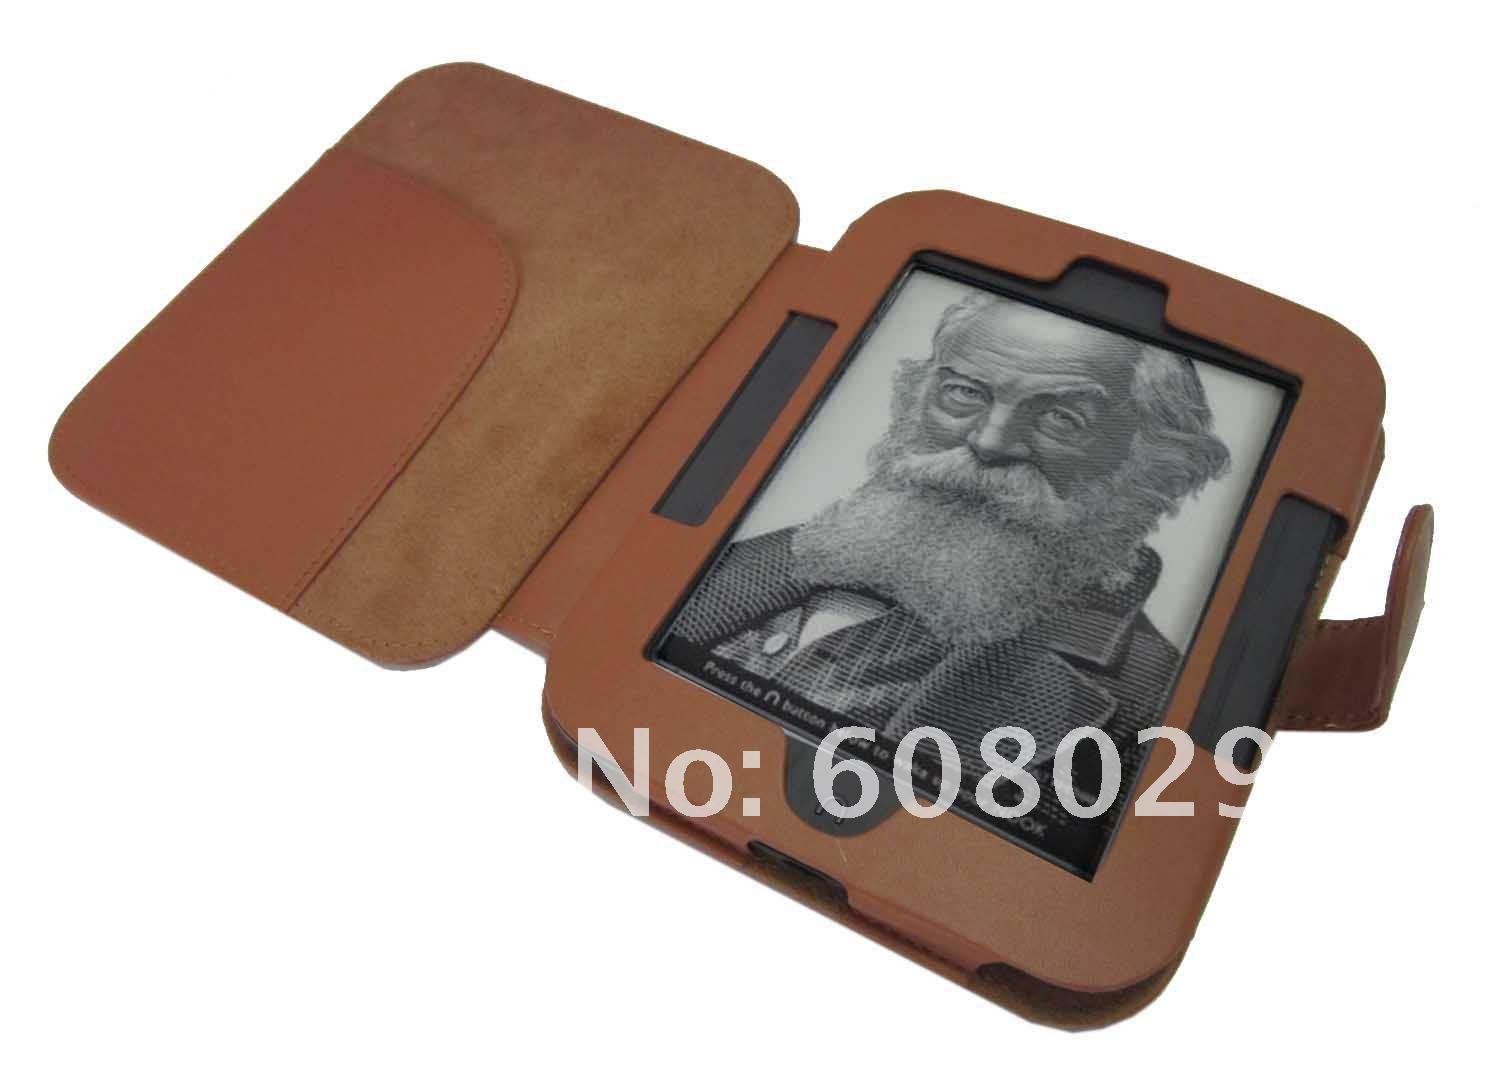 Чехол из кожи своими руками для электронной книги